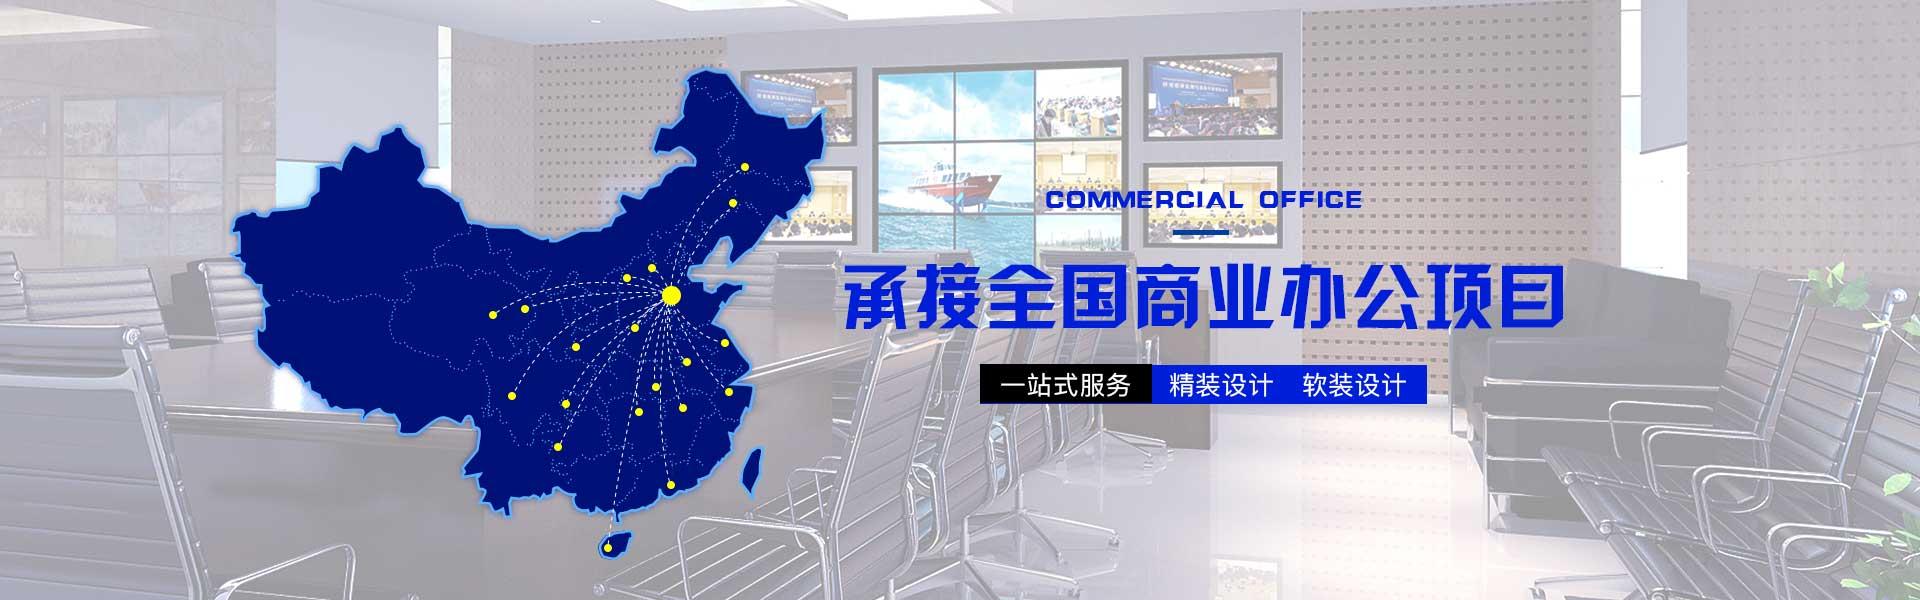 承接全国商业项目